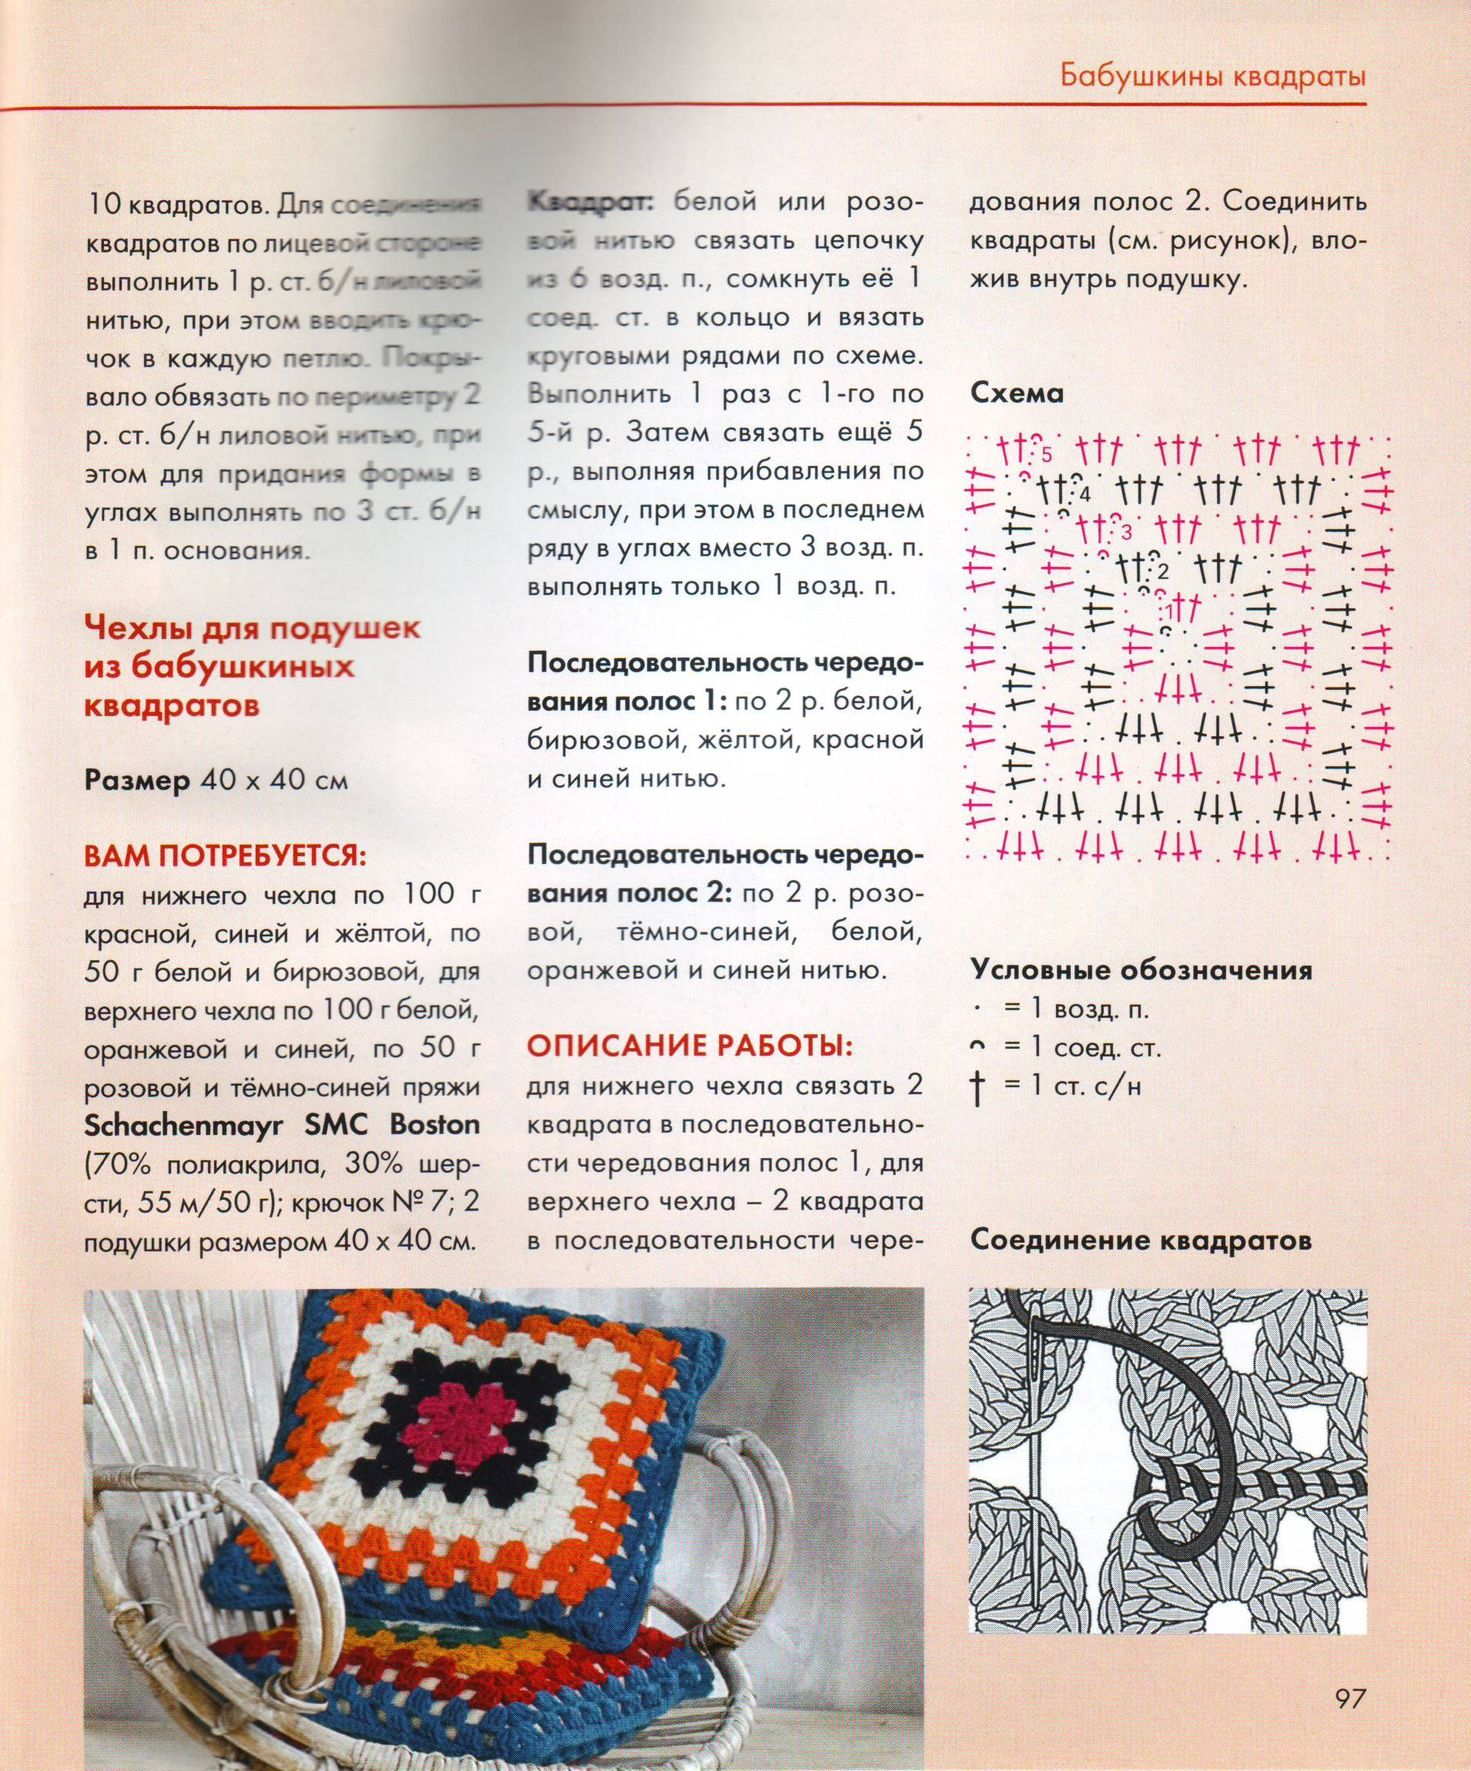 Схема и подробное описание книги